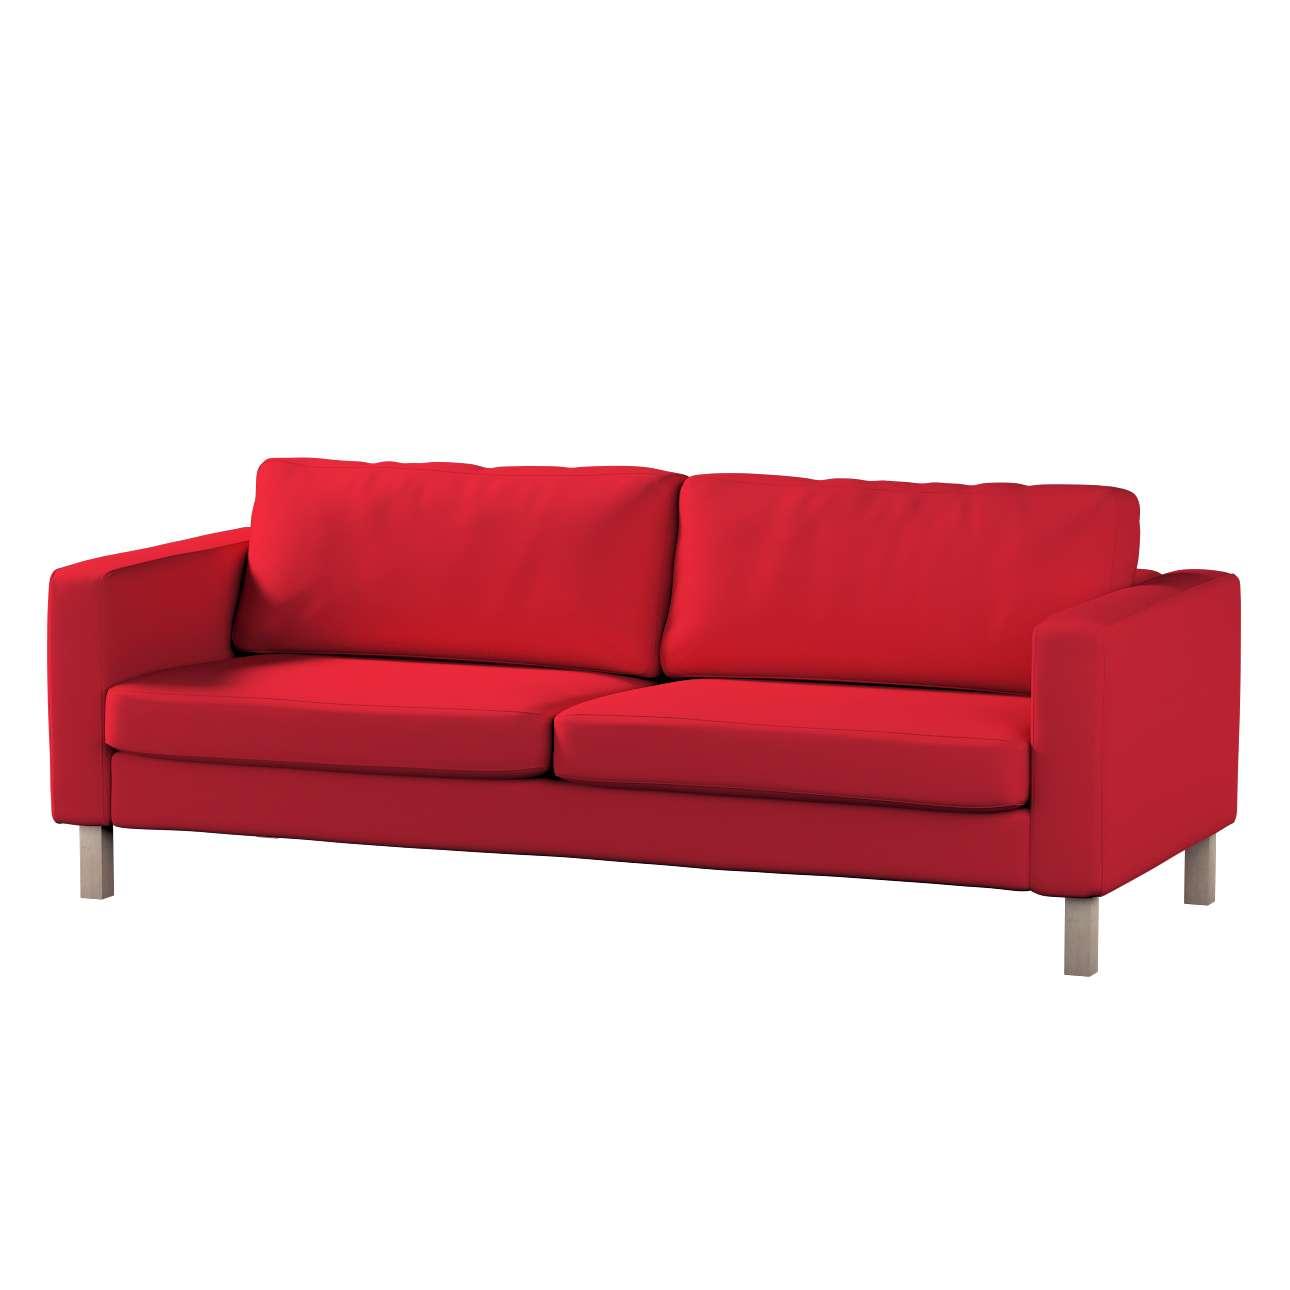 Karlstad Schlafsofabezug Karlstad 3-Sitzer ausklappbar von der Kollektion Cotton Panama, Stoff: 702-04